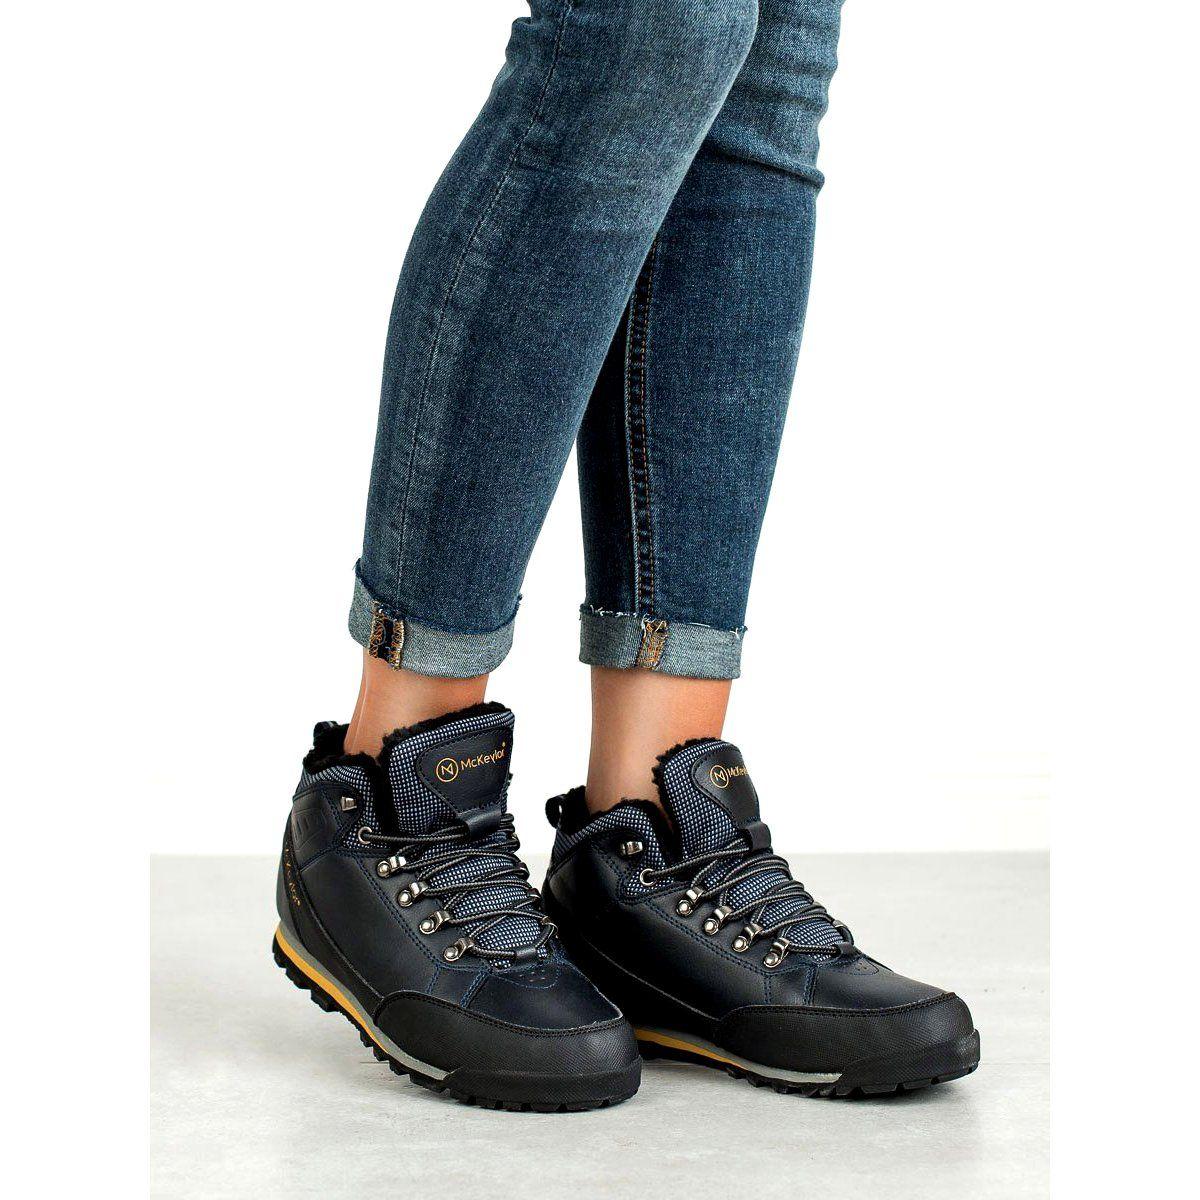 Cieple Buty Trekkingowe Mckeylor Niebieskie Blue Shoes Shoes Trekking Shoes